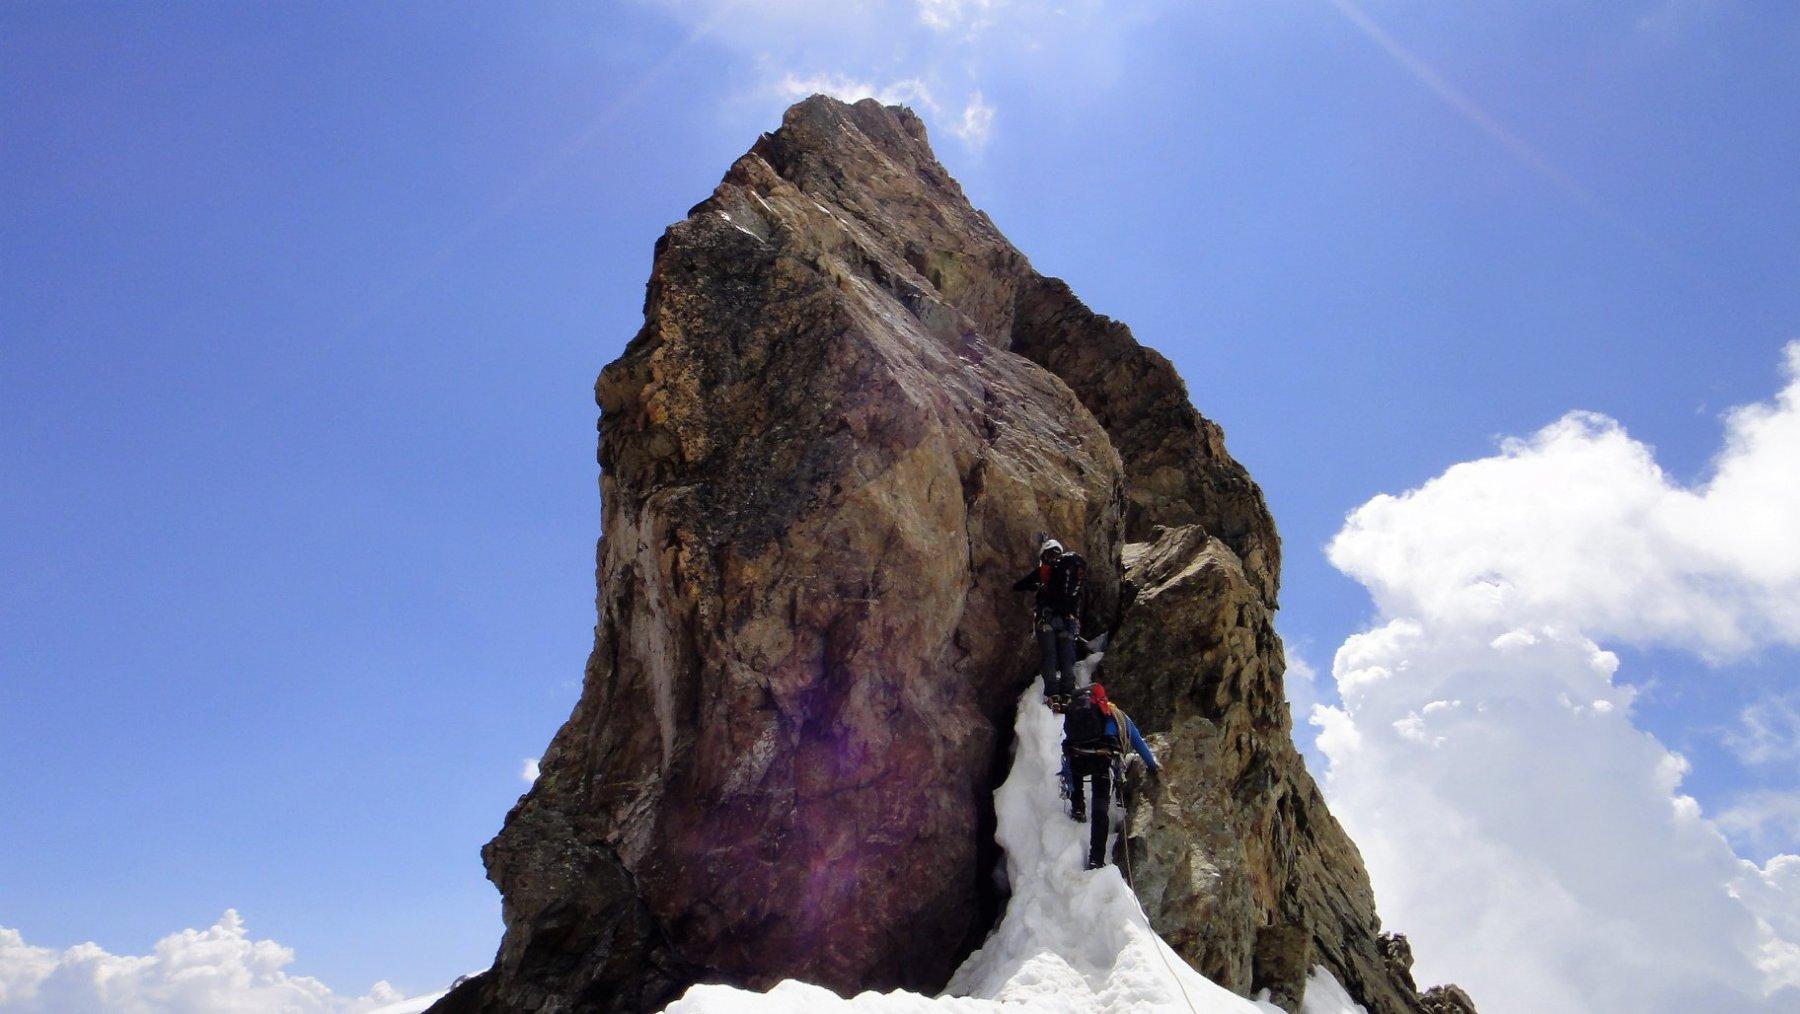 FOTO_21 Tratto alpinistico impegnativo lungo le creste di discesa. 2 tiri di corda: stretto camino ghiacciato e passo atletico verso dx molto esposto